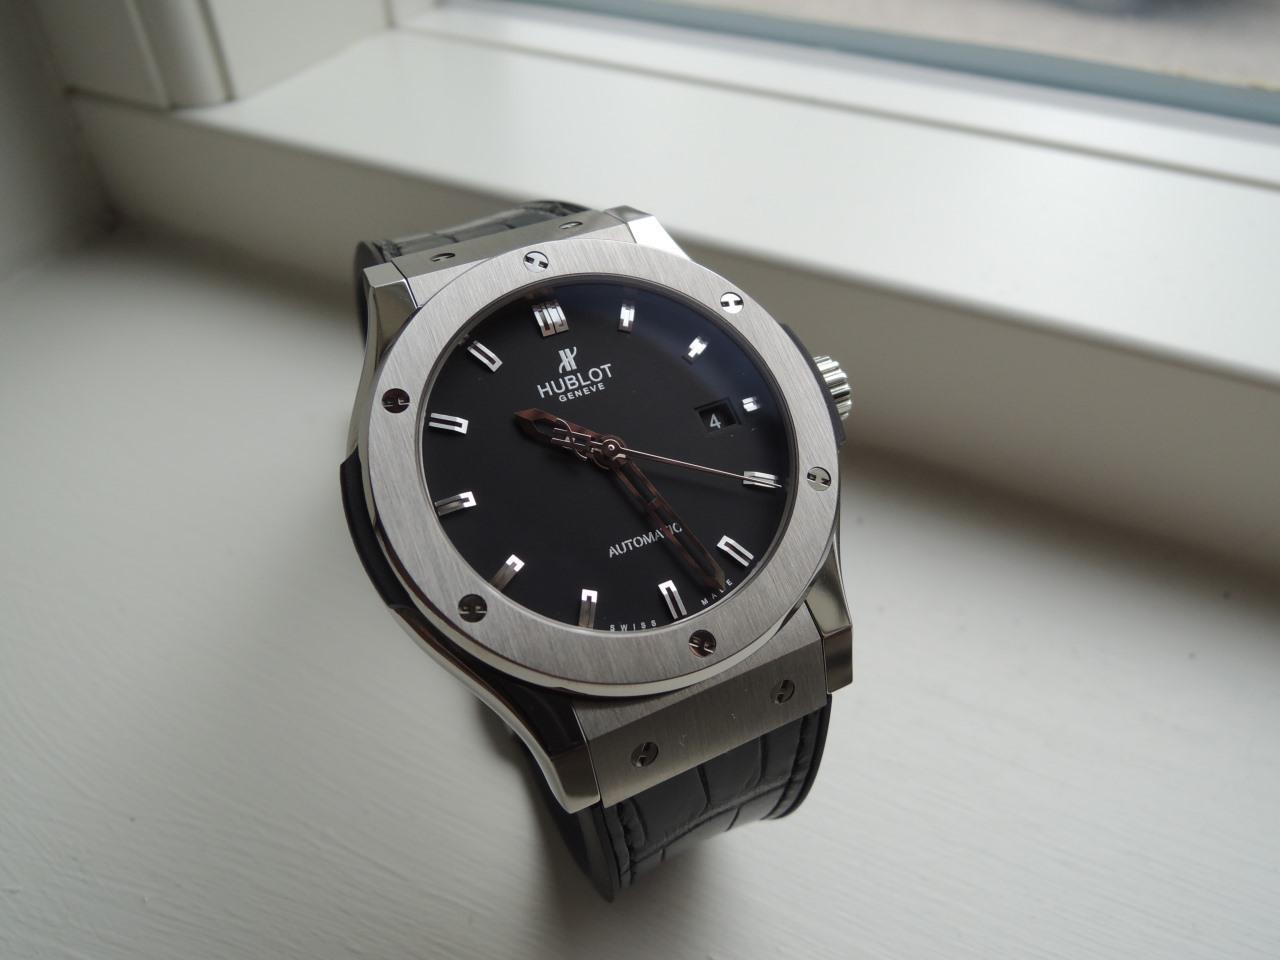 DSCN0109.JPG